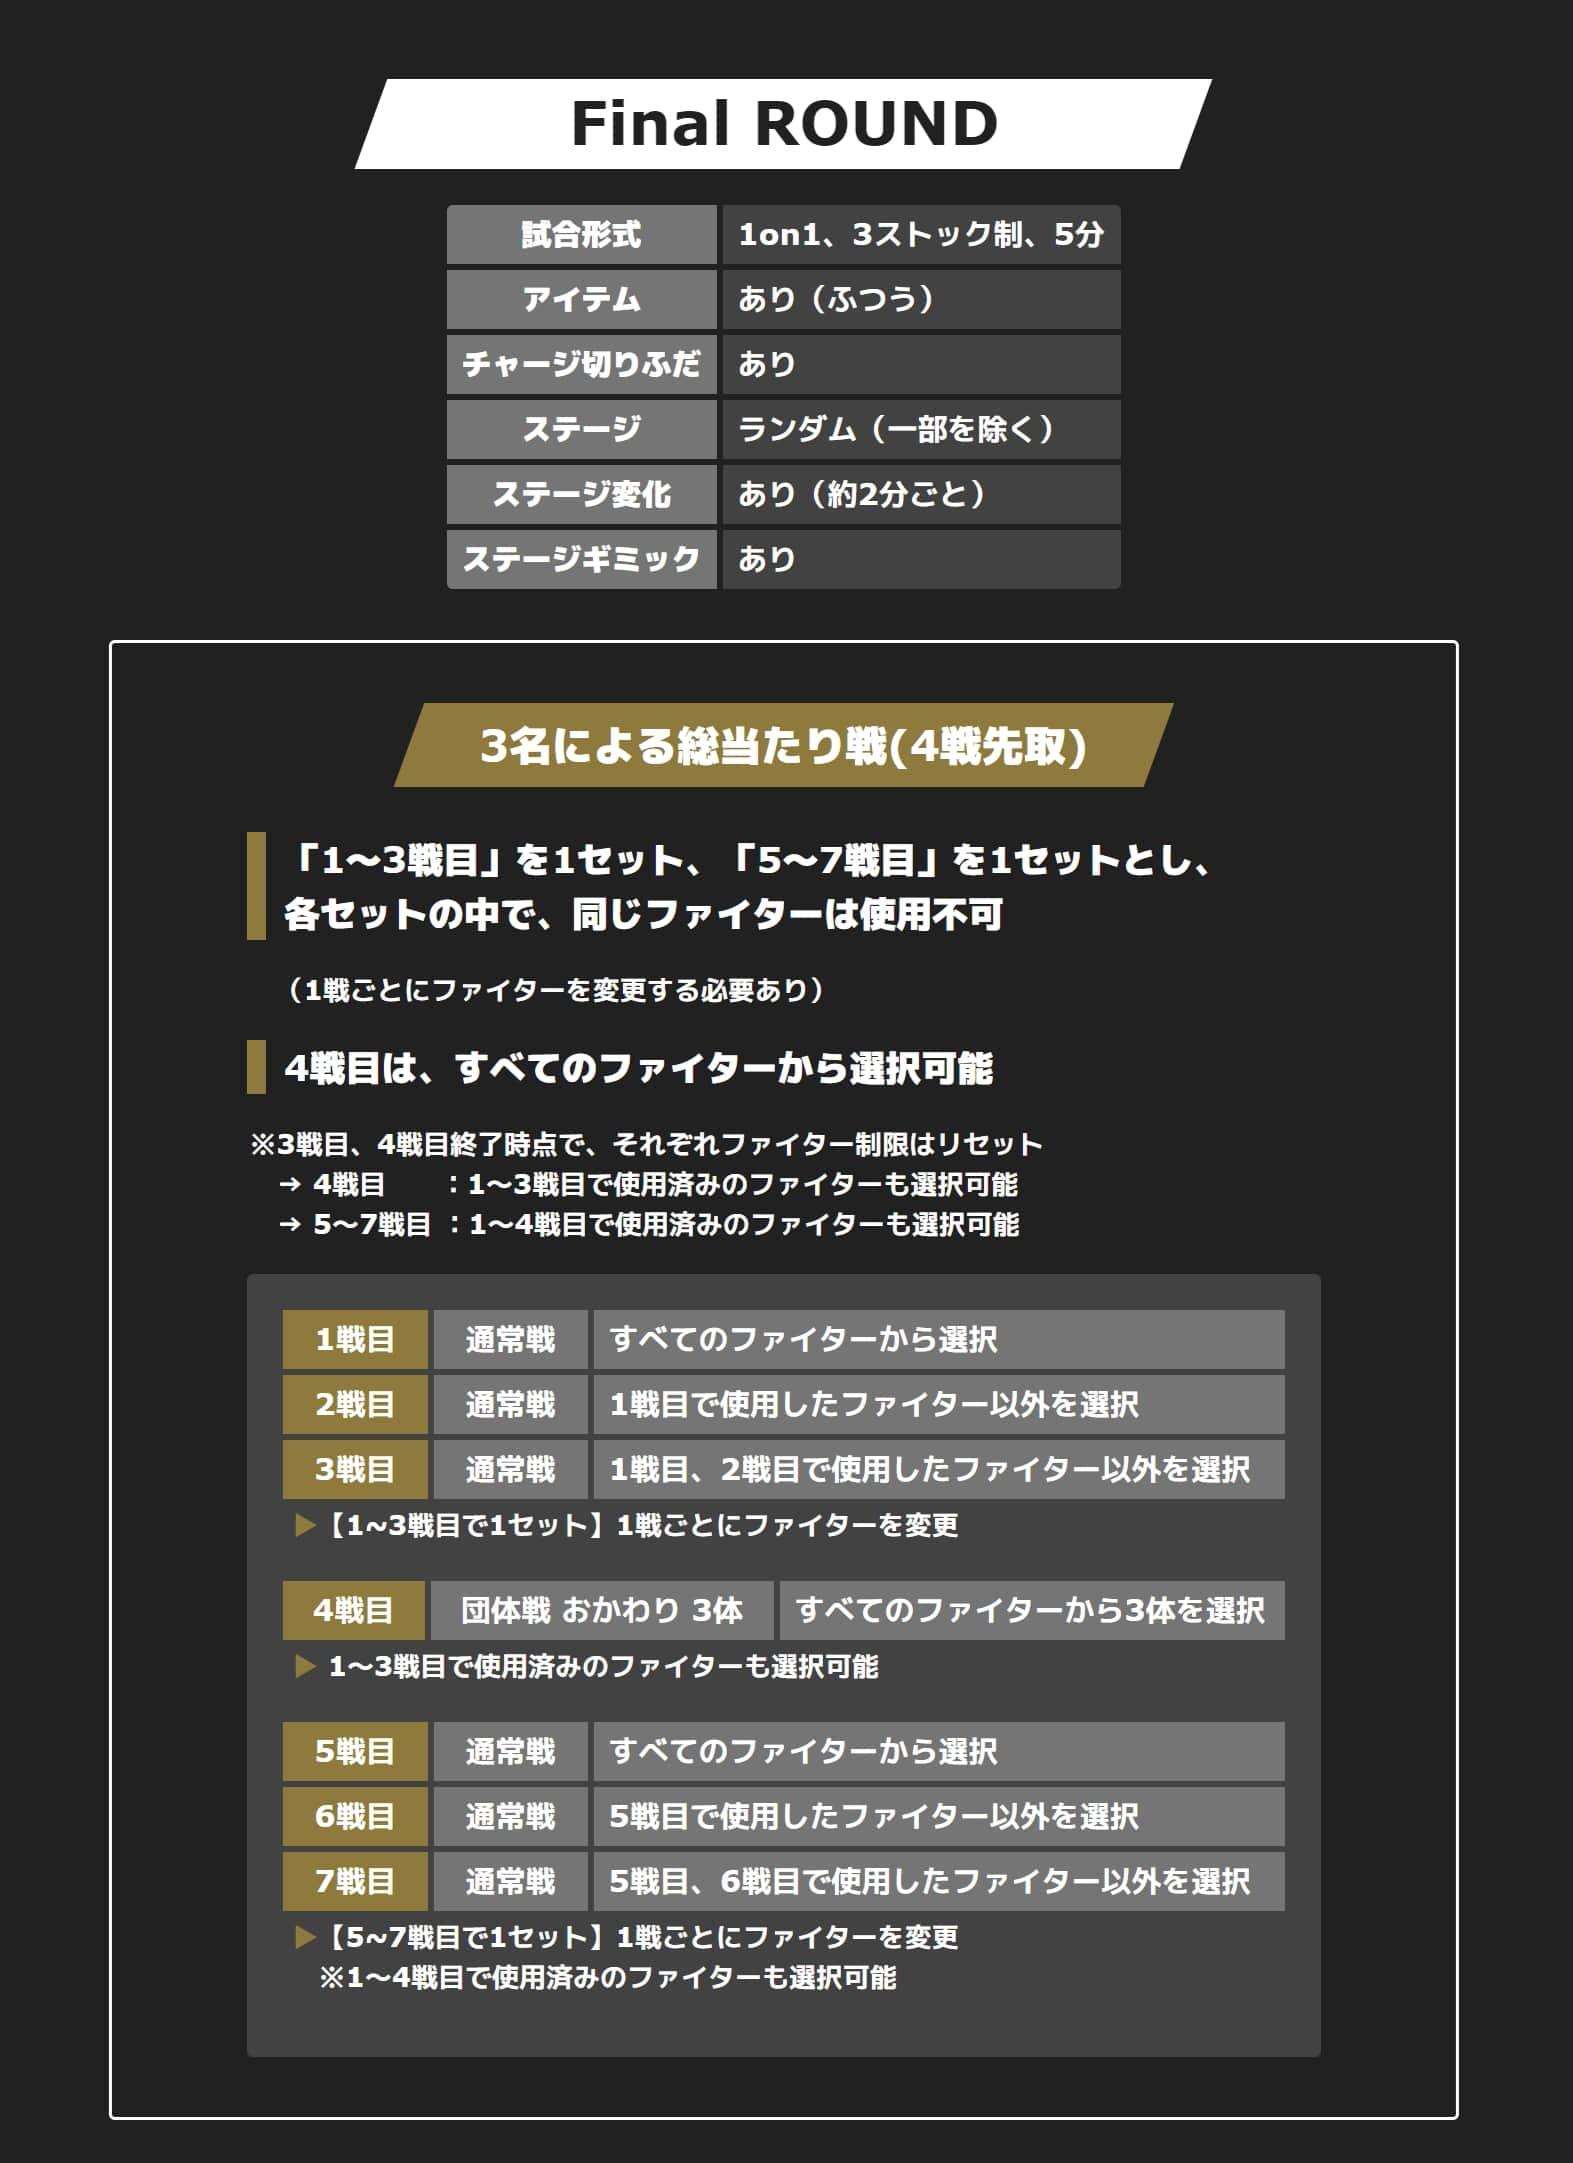 スマッシュボール杯 スマブラSP 東日本リーグFinal ROUNDルール